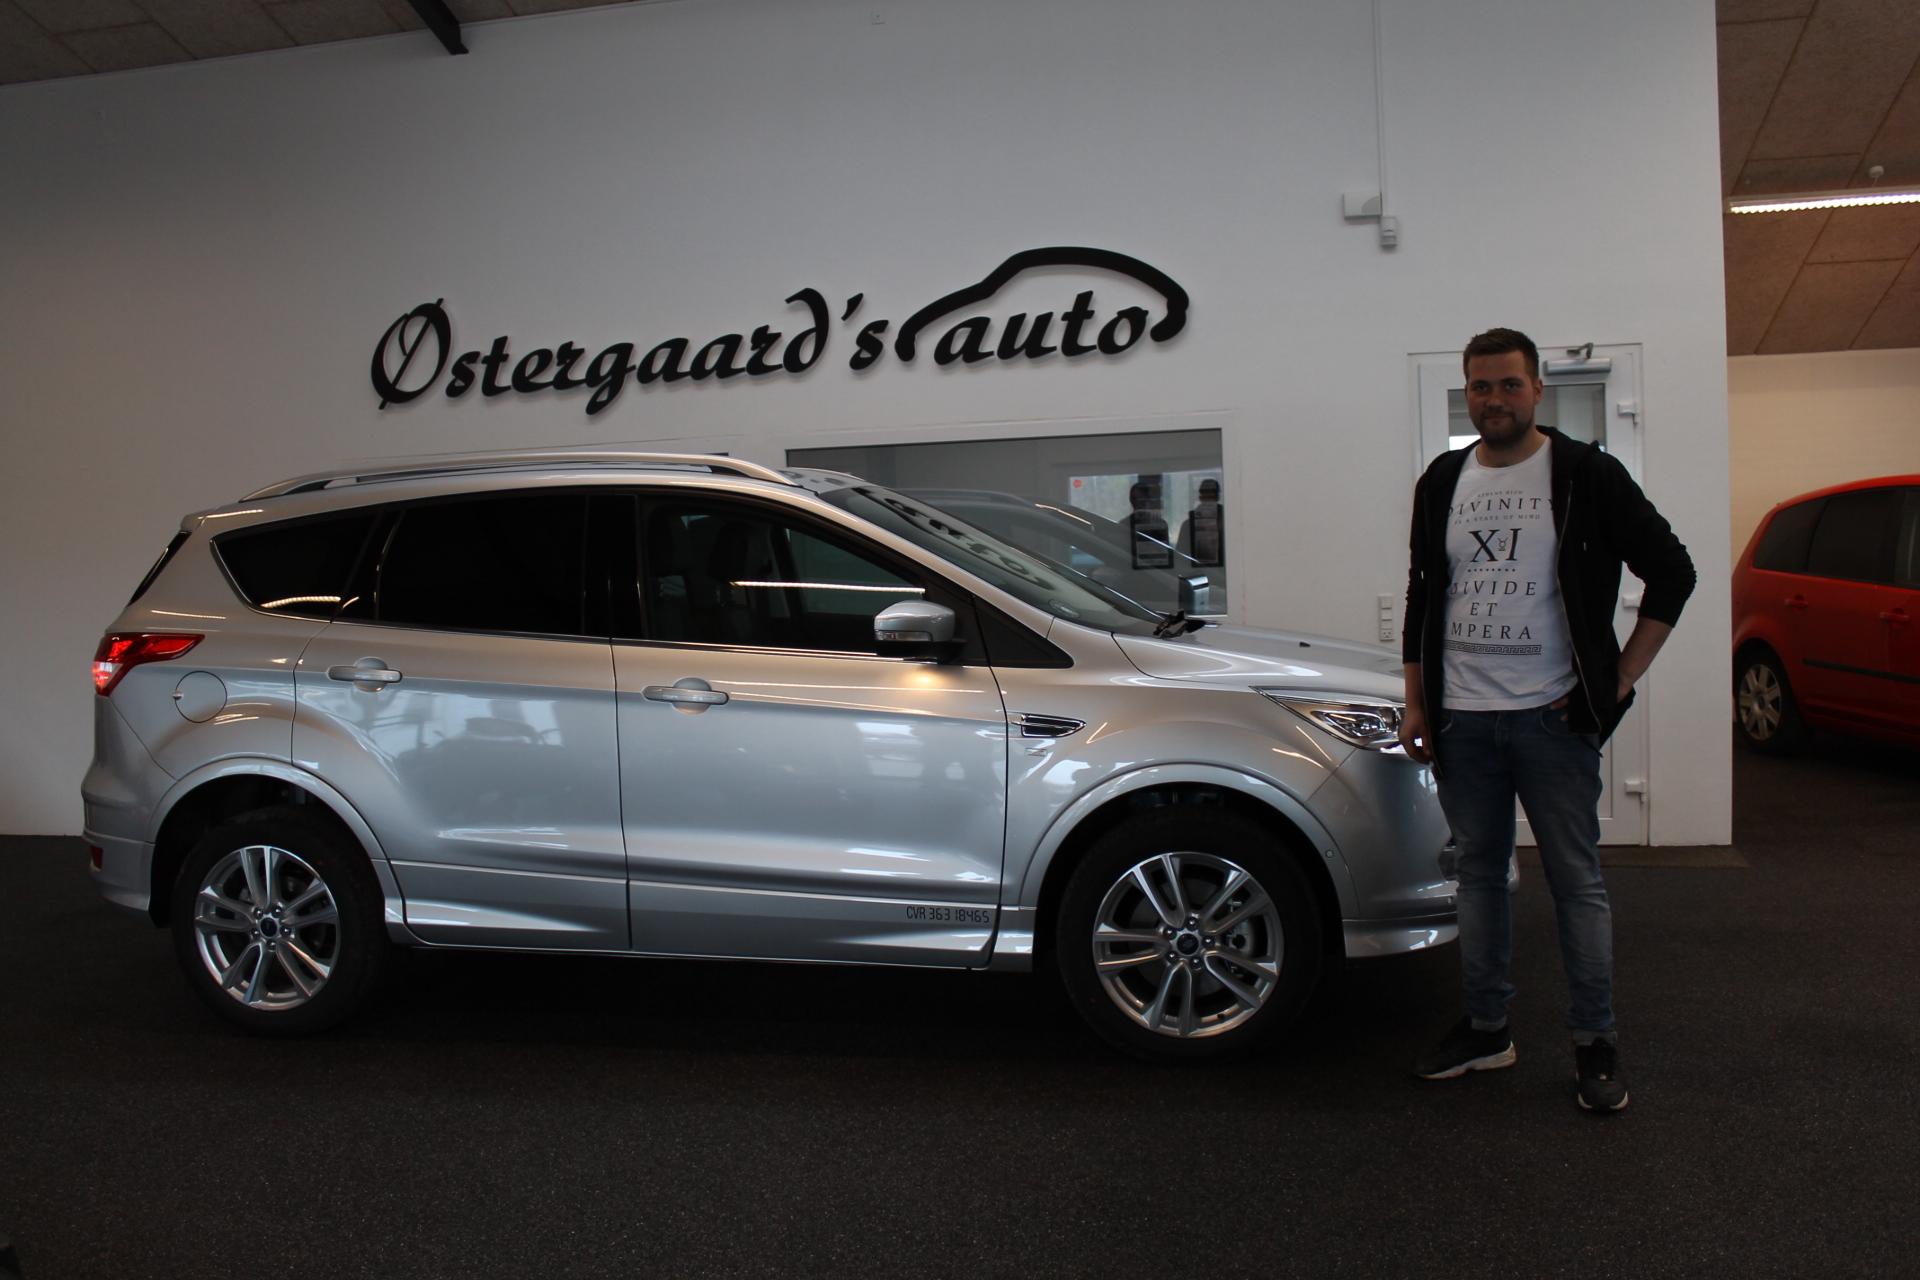 Tillykke til JT's Murerforretning med deres nye Ford Kuga - Østergaards Auto